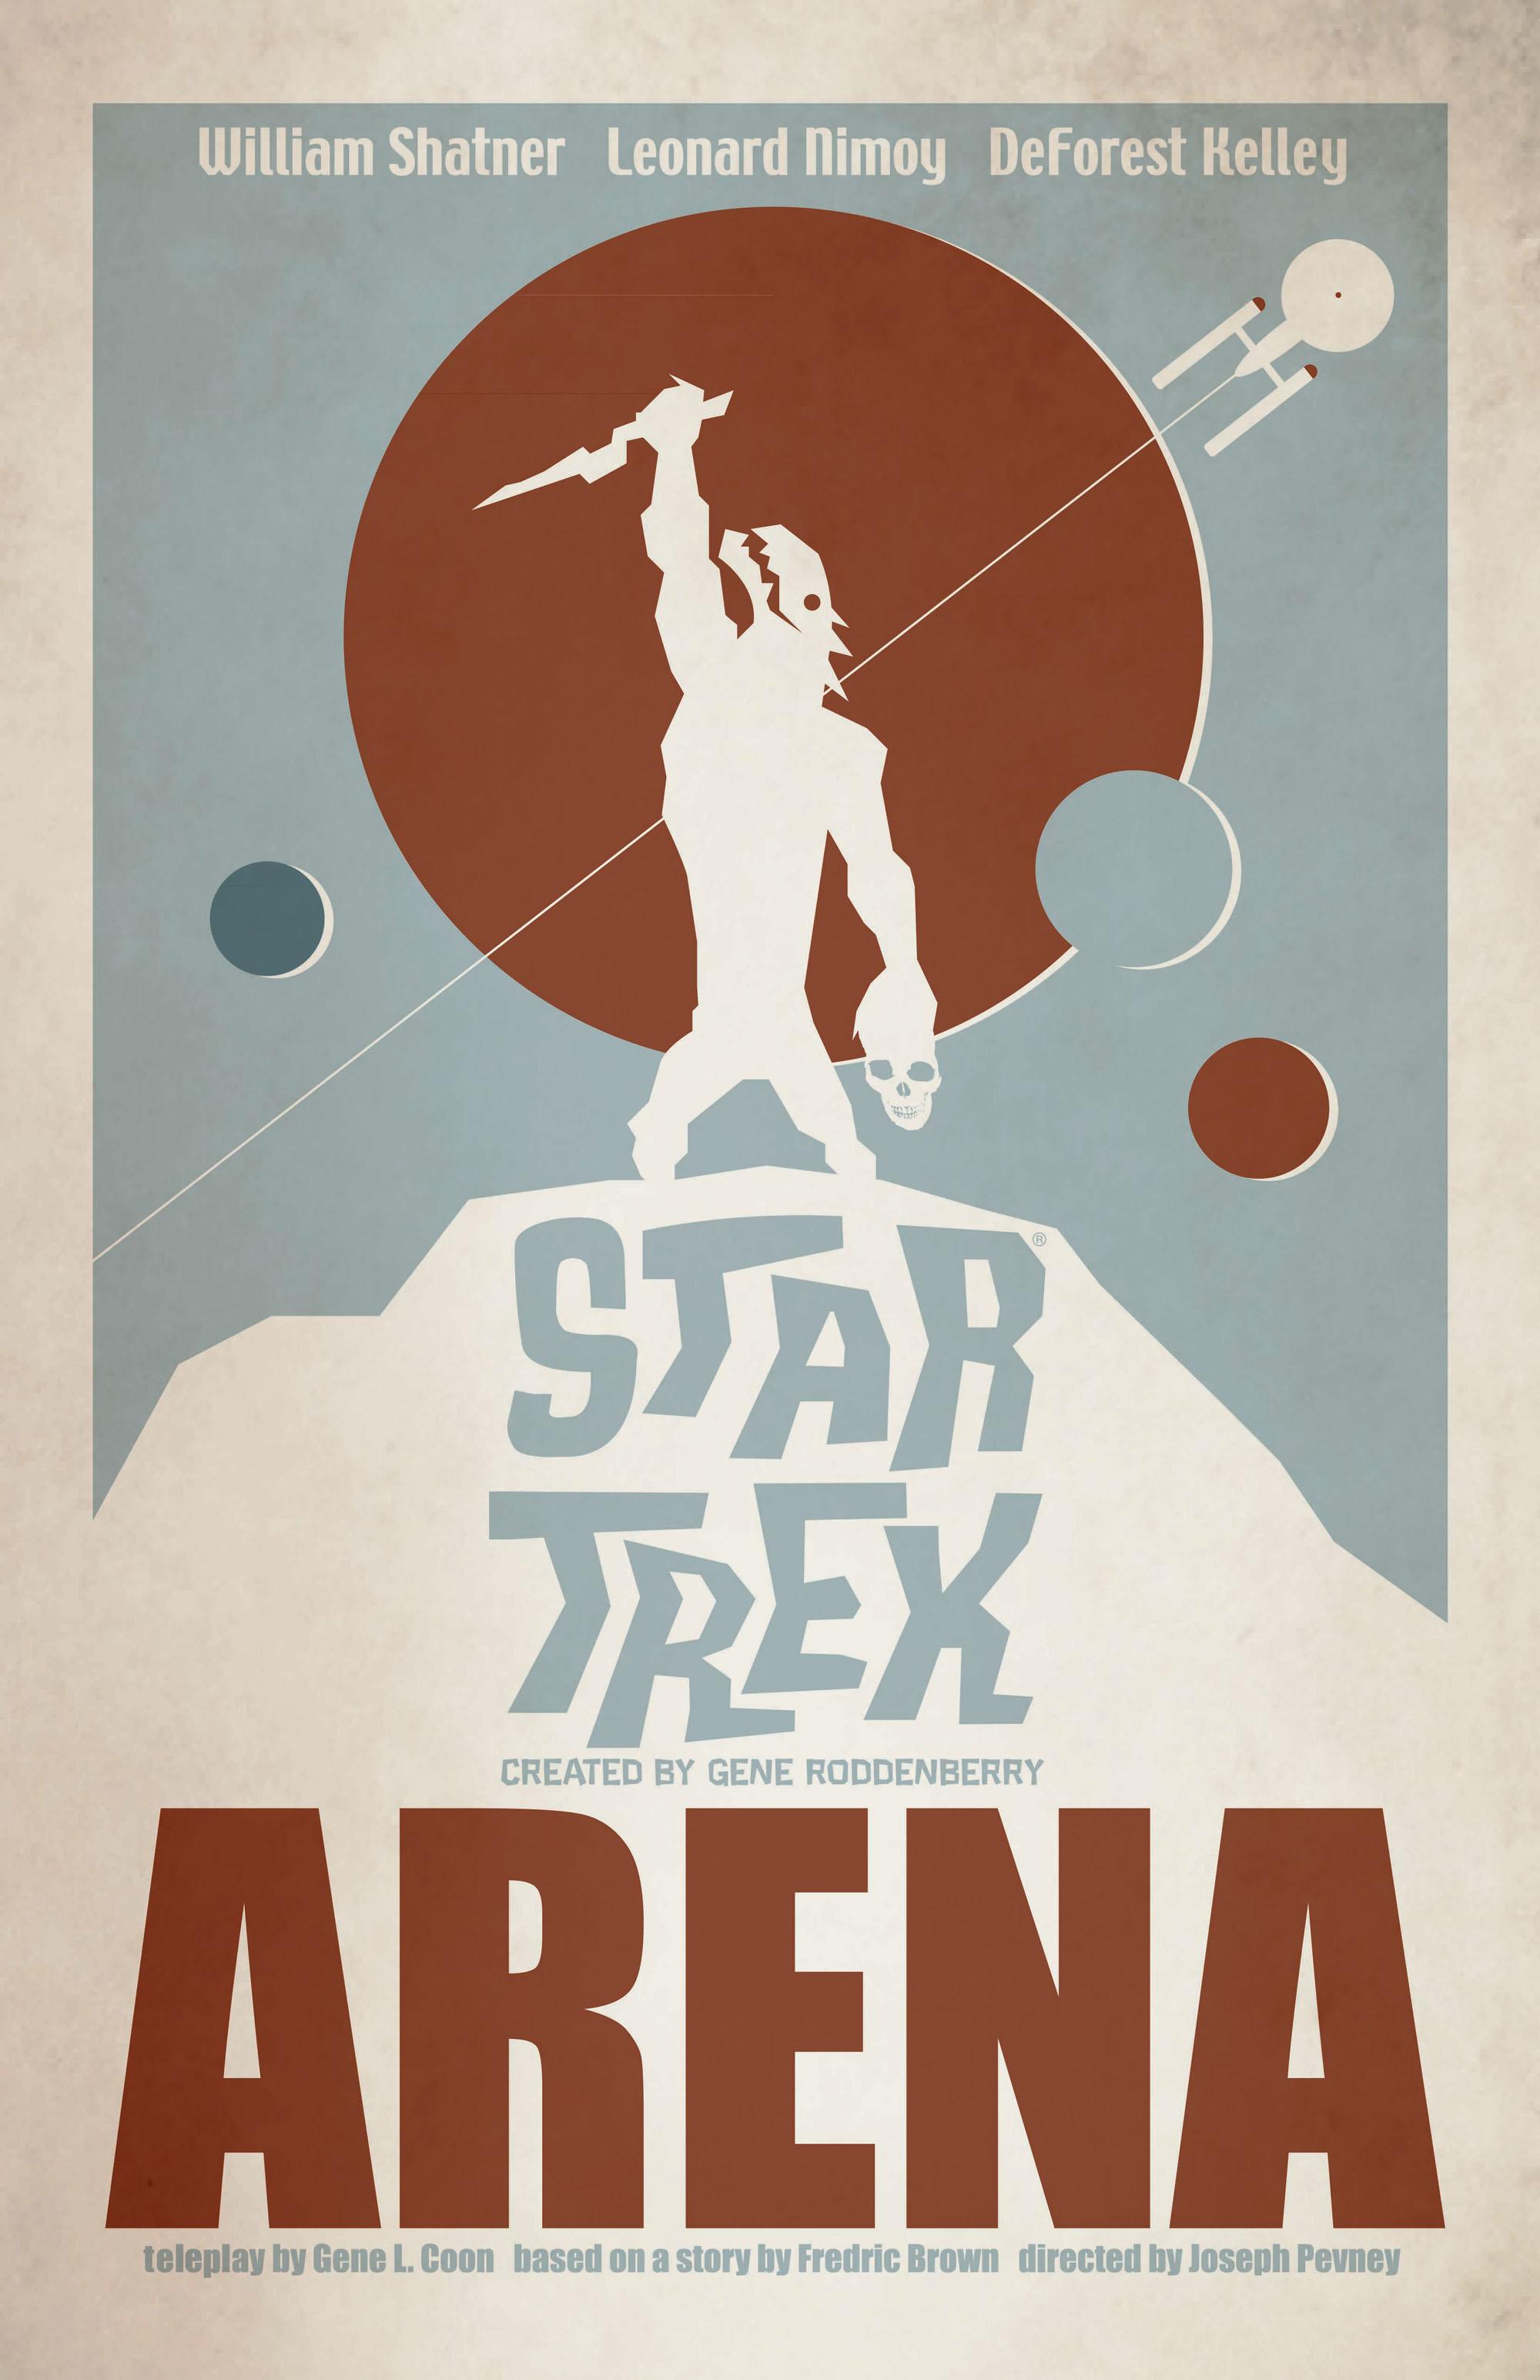 'Arena' from 'Star Trek: The Art of Juan Ortiz'